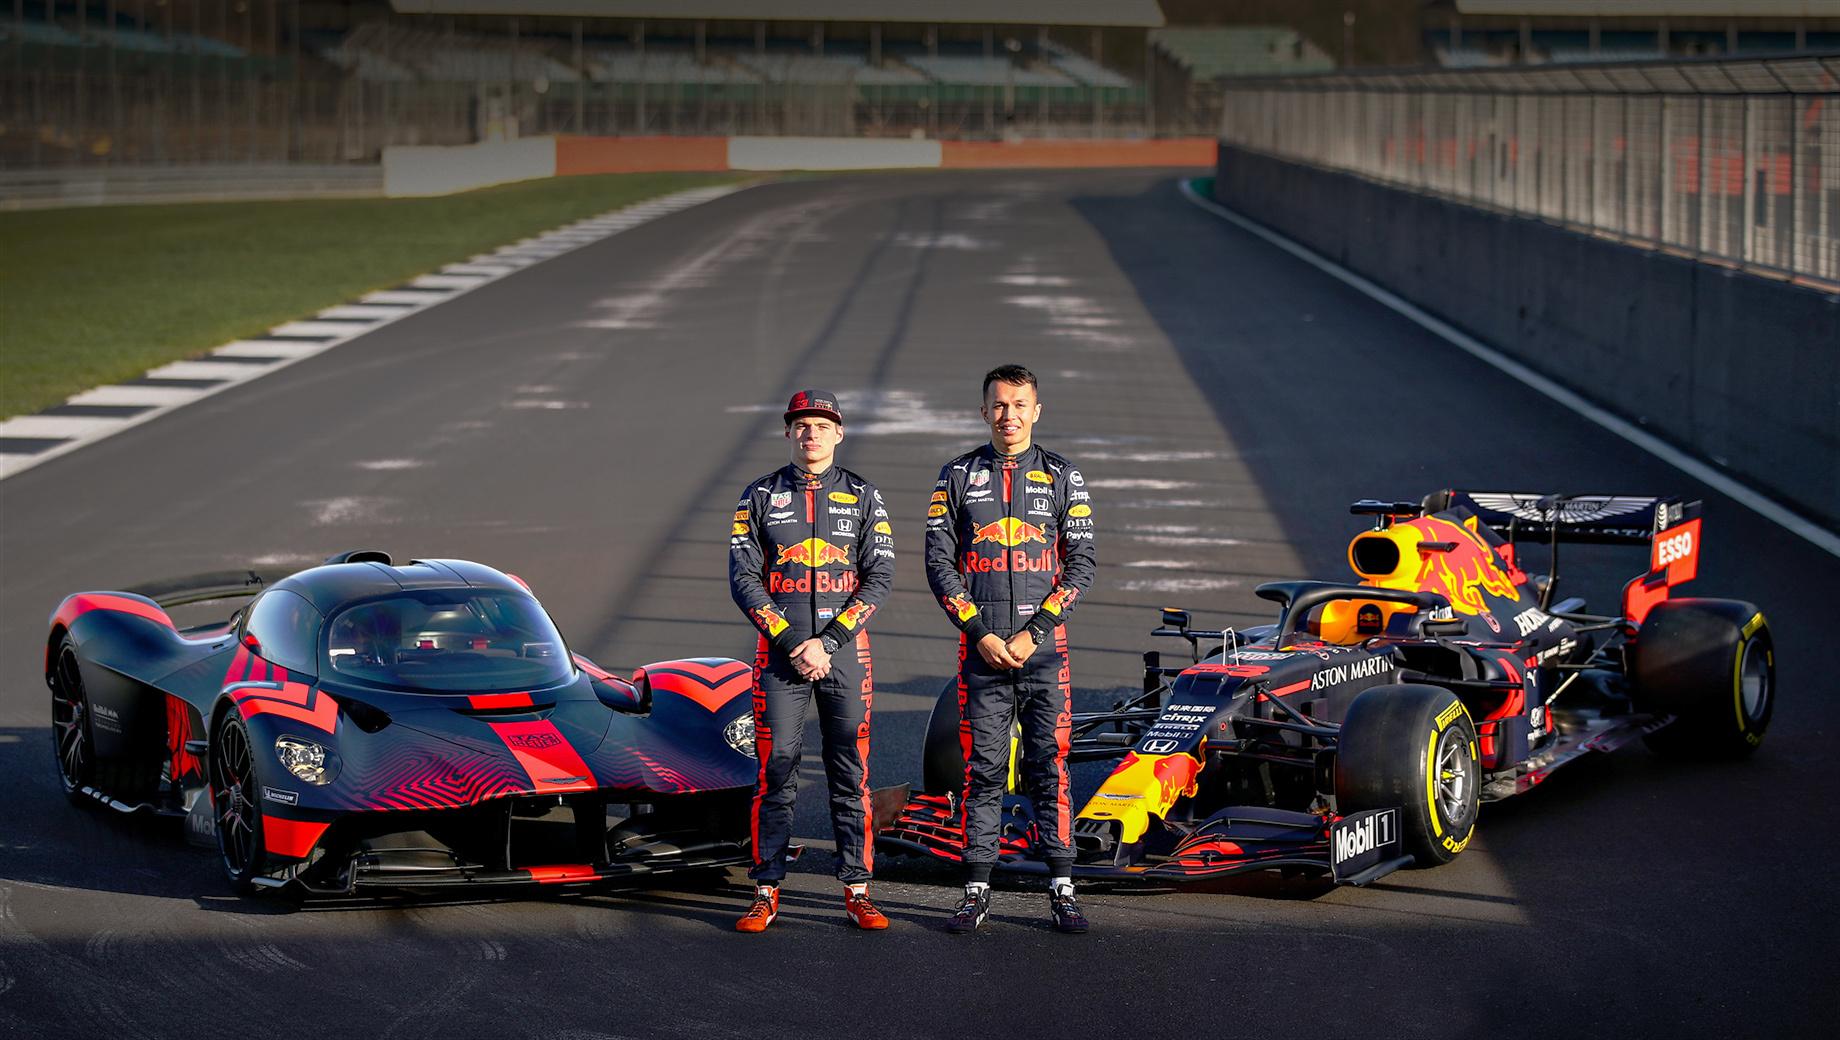 Aston martin valkyrie. Проект Aston Martin Valkyrie создавался в сотрудничестве с компанией Red Bull Advanced Technologies. Цена — от двух миллионов фунтов стерлингов (около 165 млн рублей). На фото дорожный прототип (слева) позирует рядом с болидом Формулы-1 RB16.